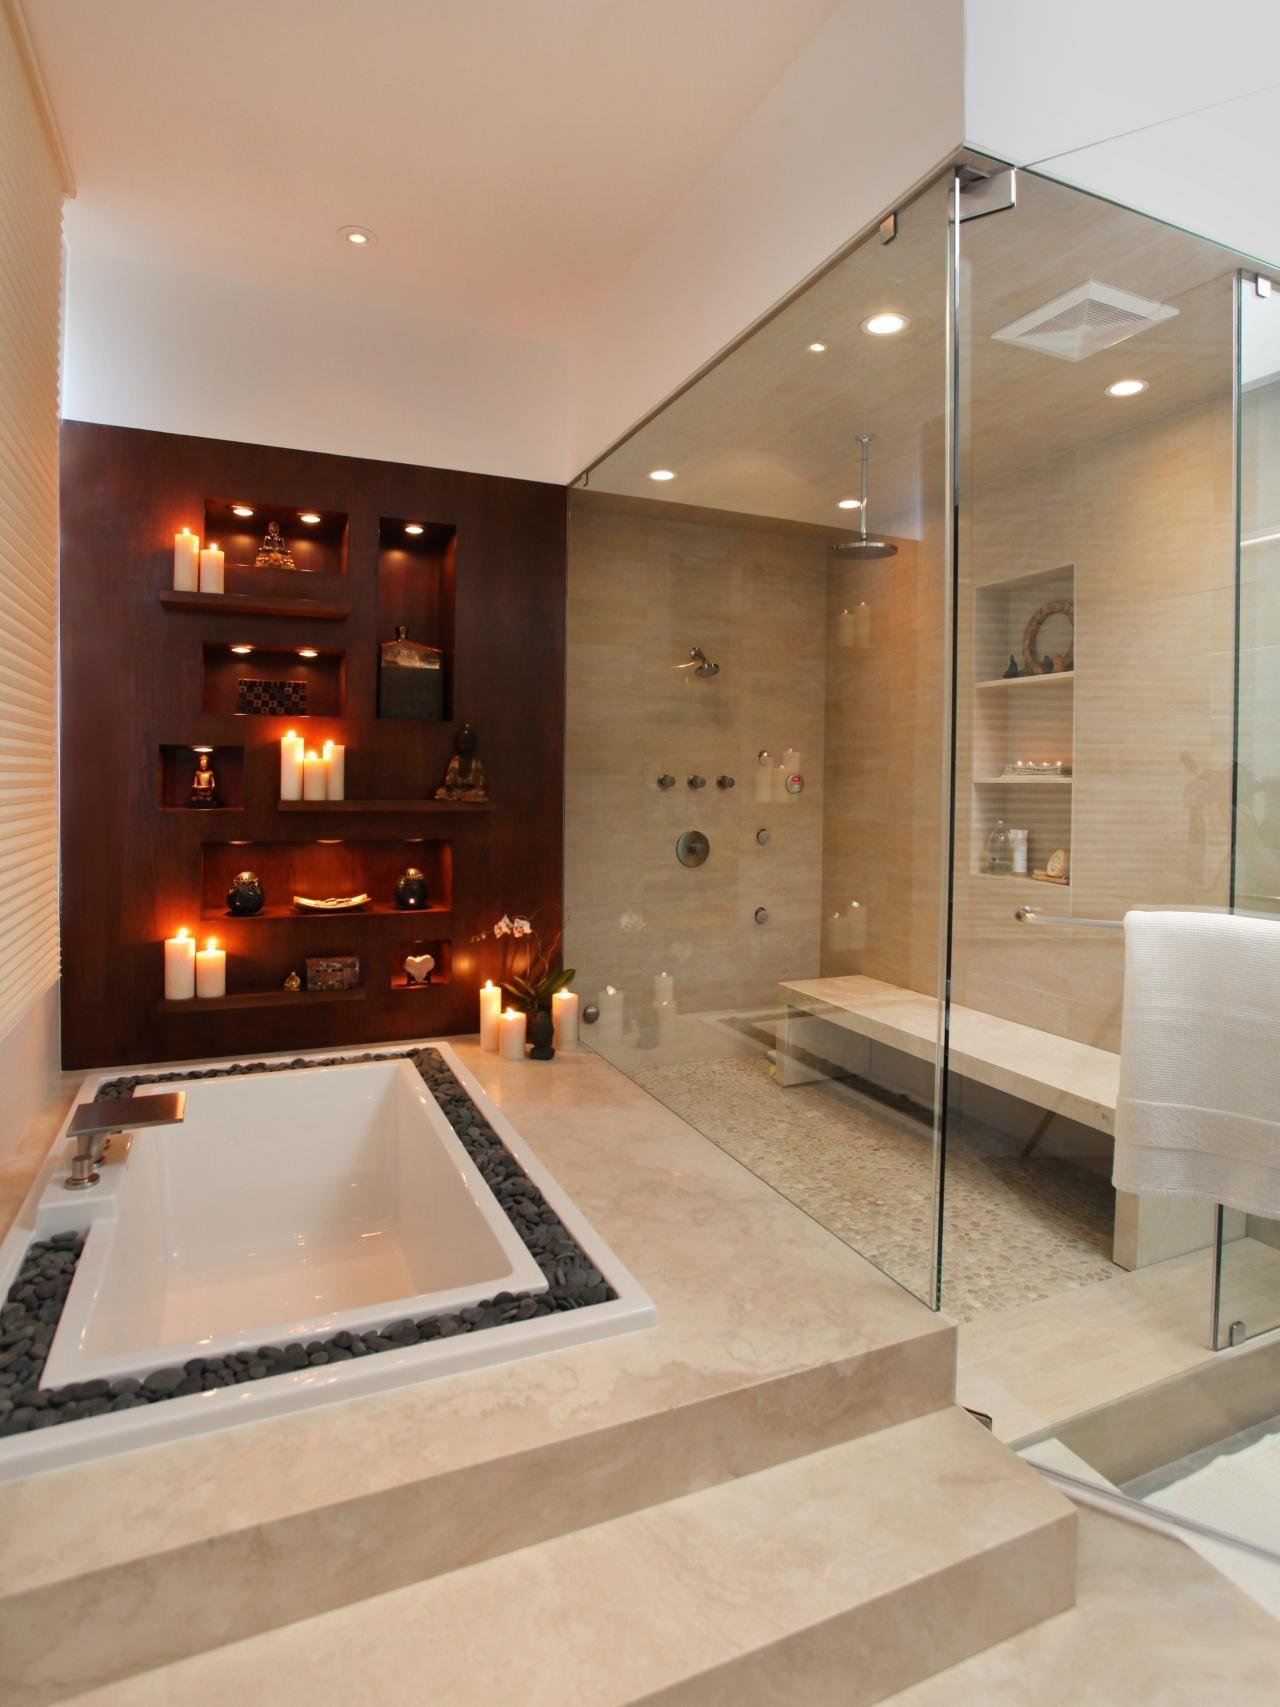 Bathtub Design Ideas | Bathtub, Hgtv and Bath remodel